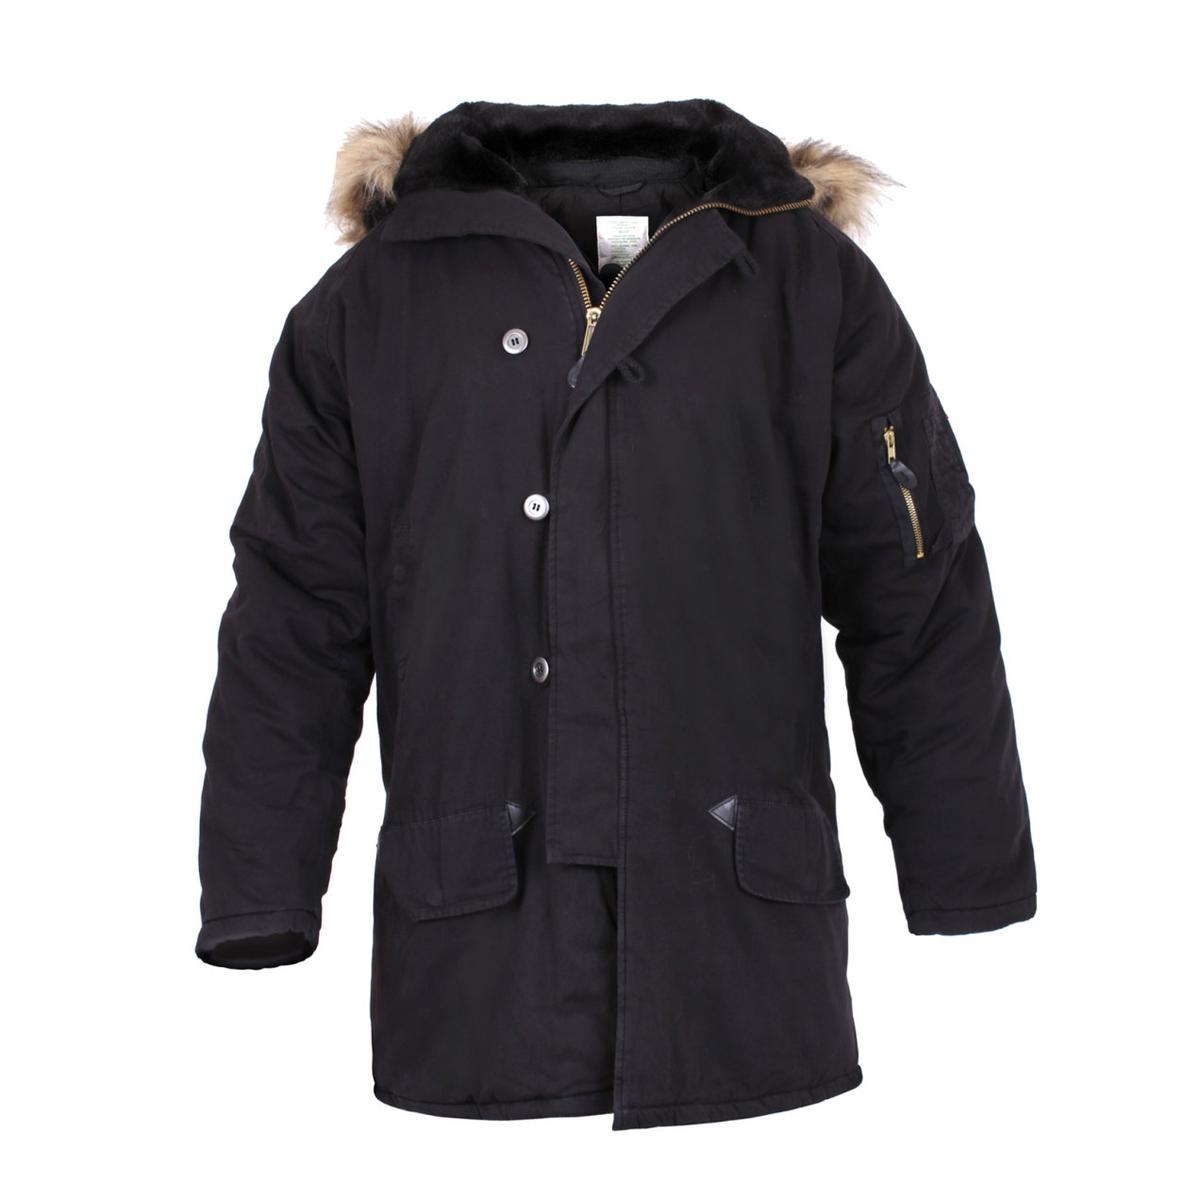 UF Vintage N-3B Parka Jacket Mens Coat